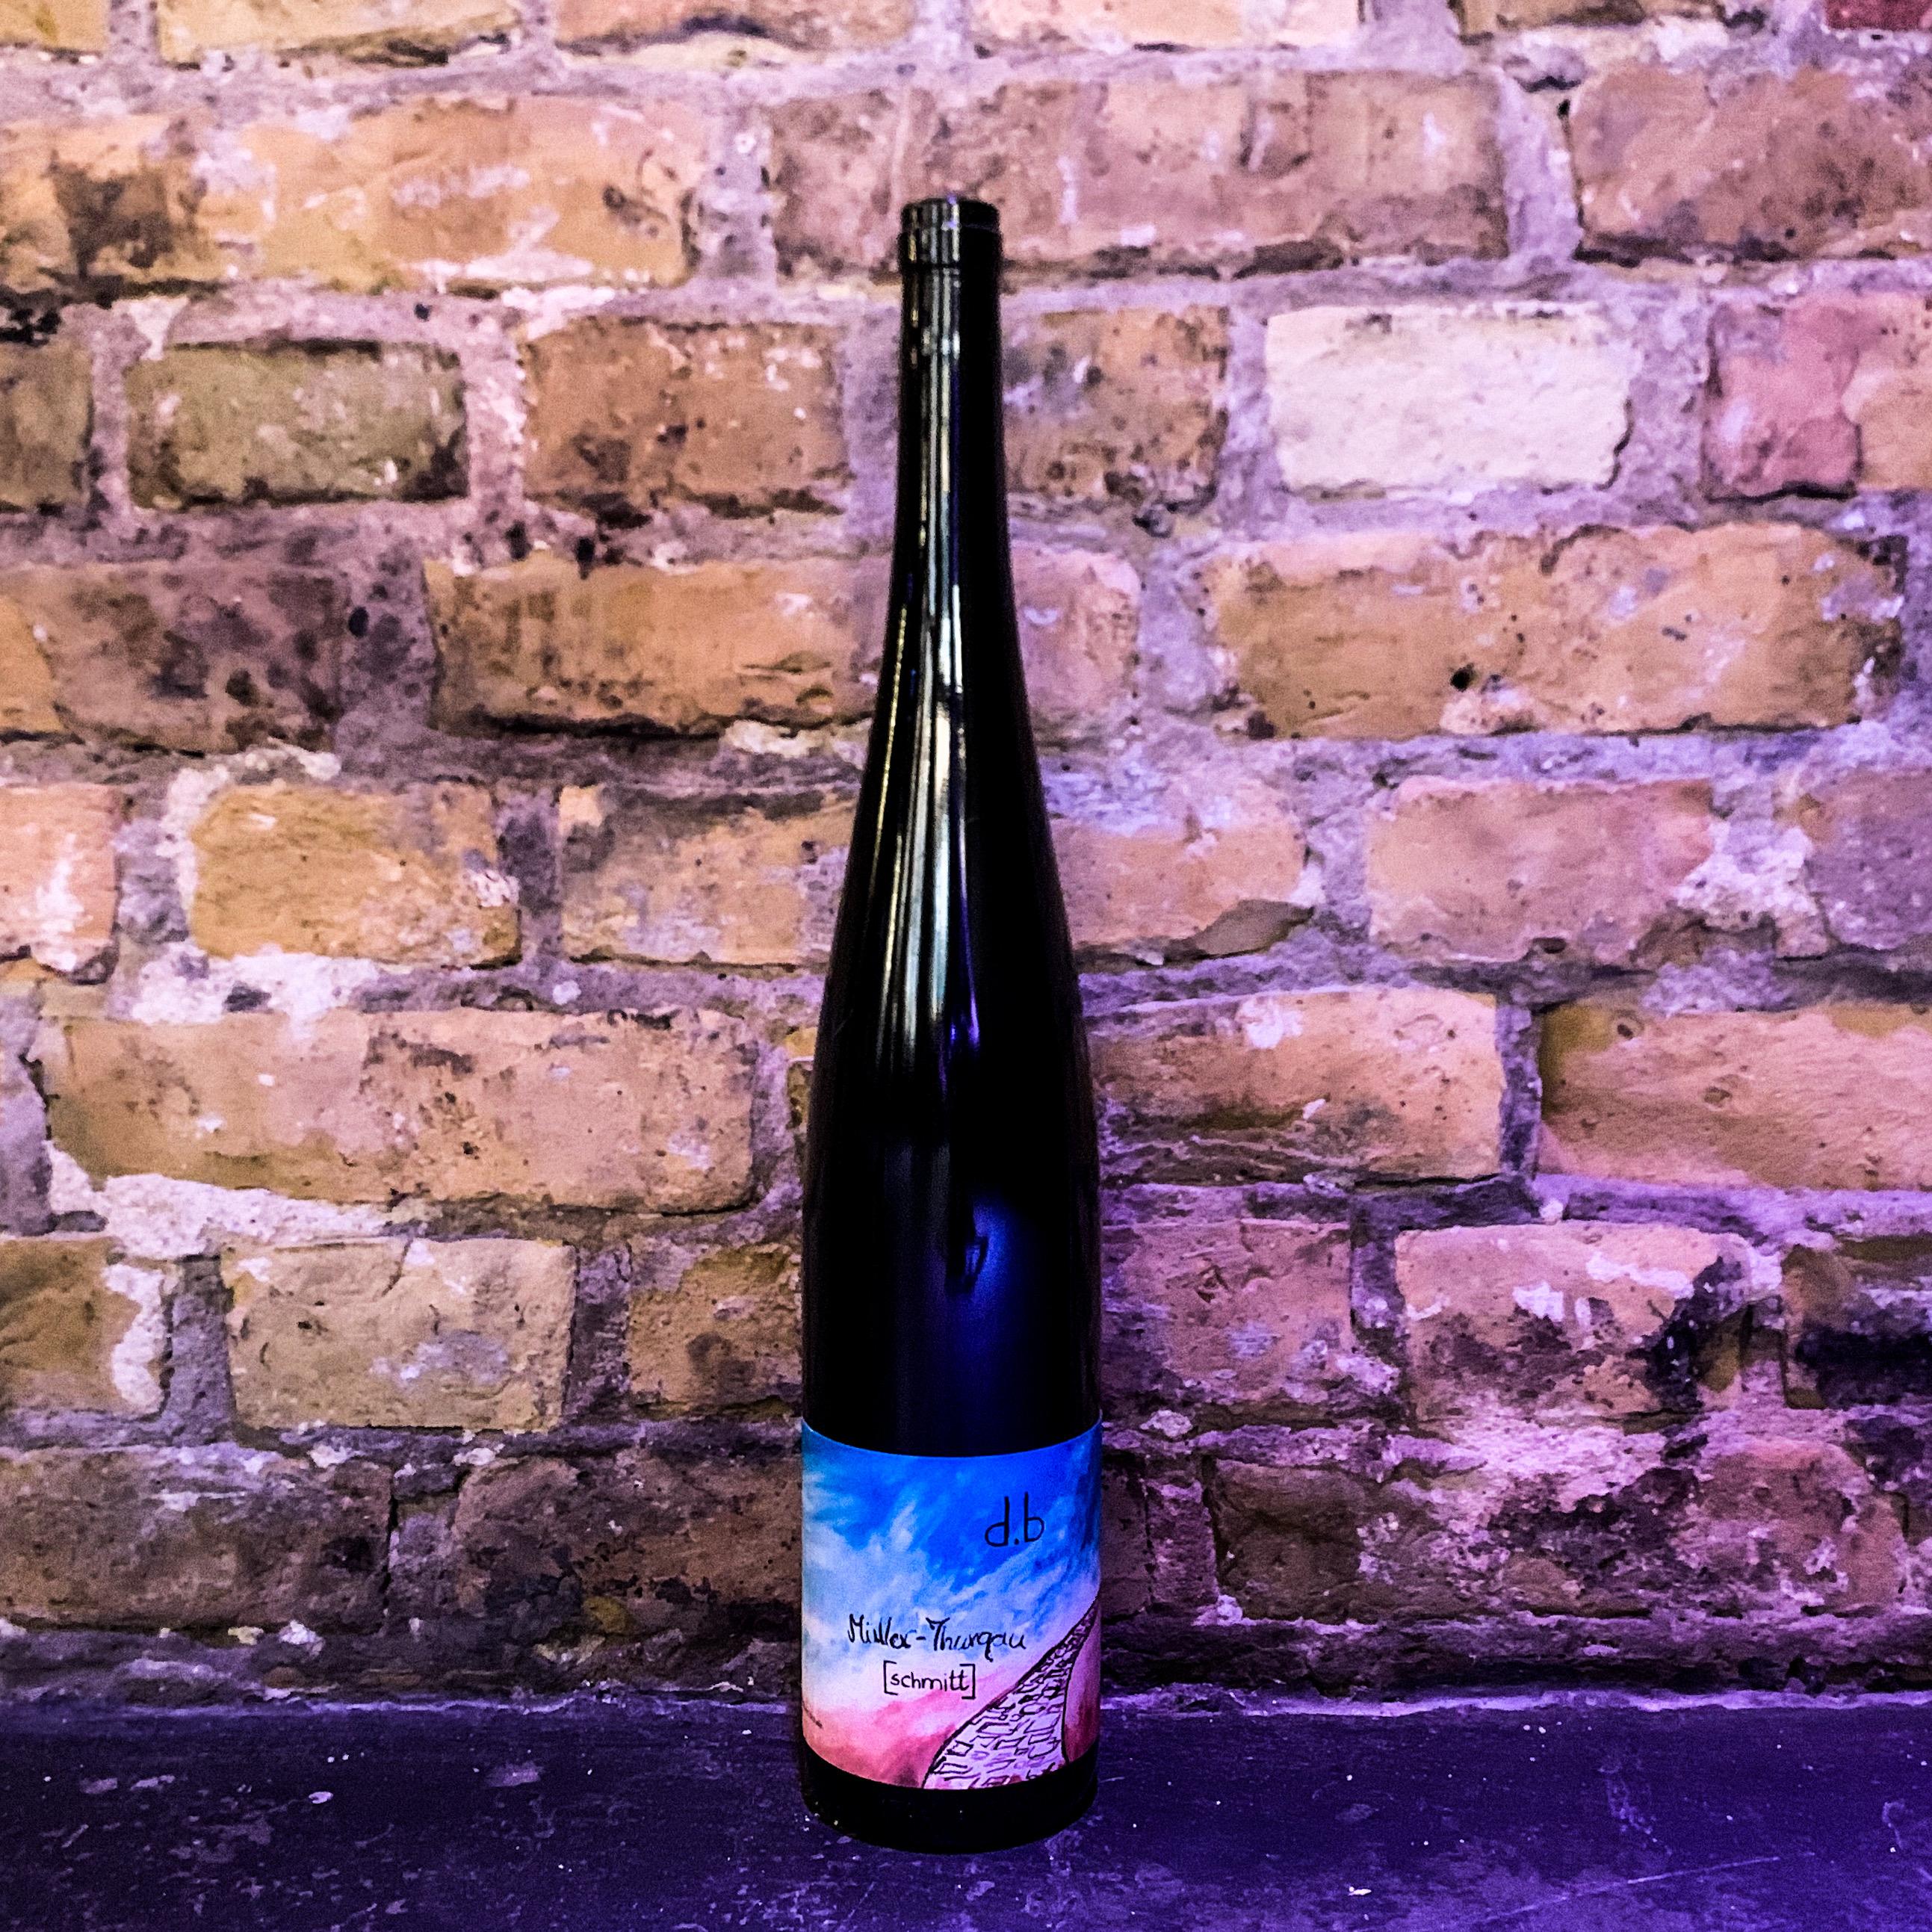 0,1 Glas aus der Müller Thurgau MAGNUM Flasche